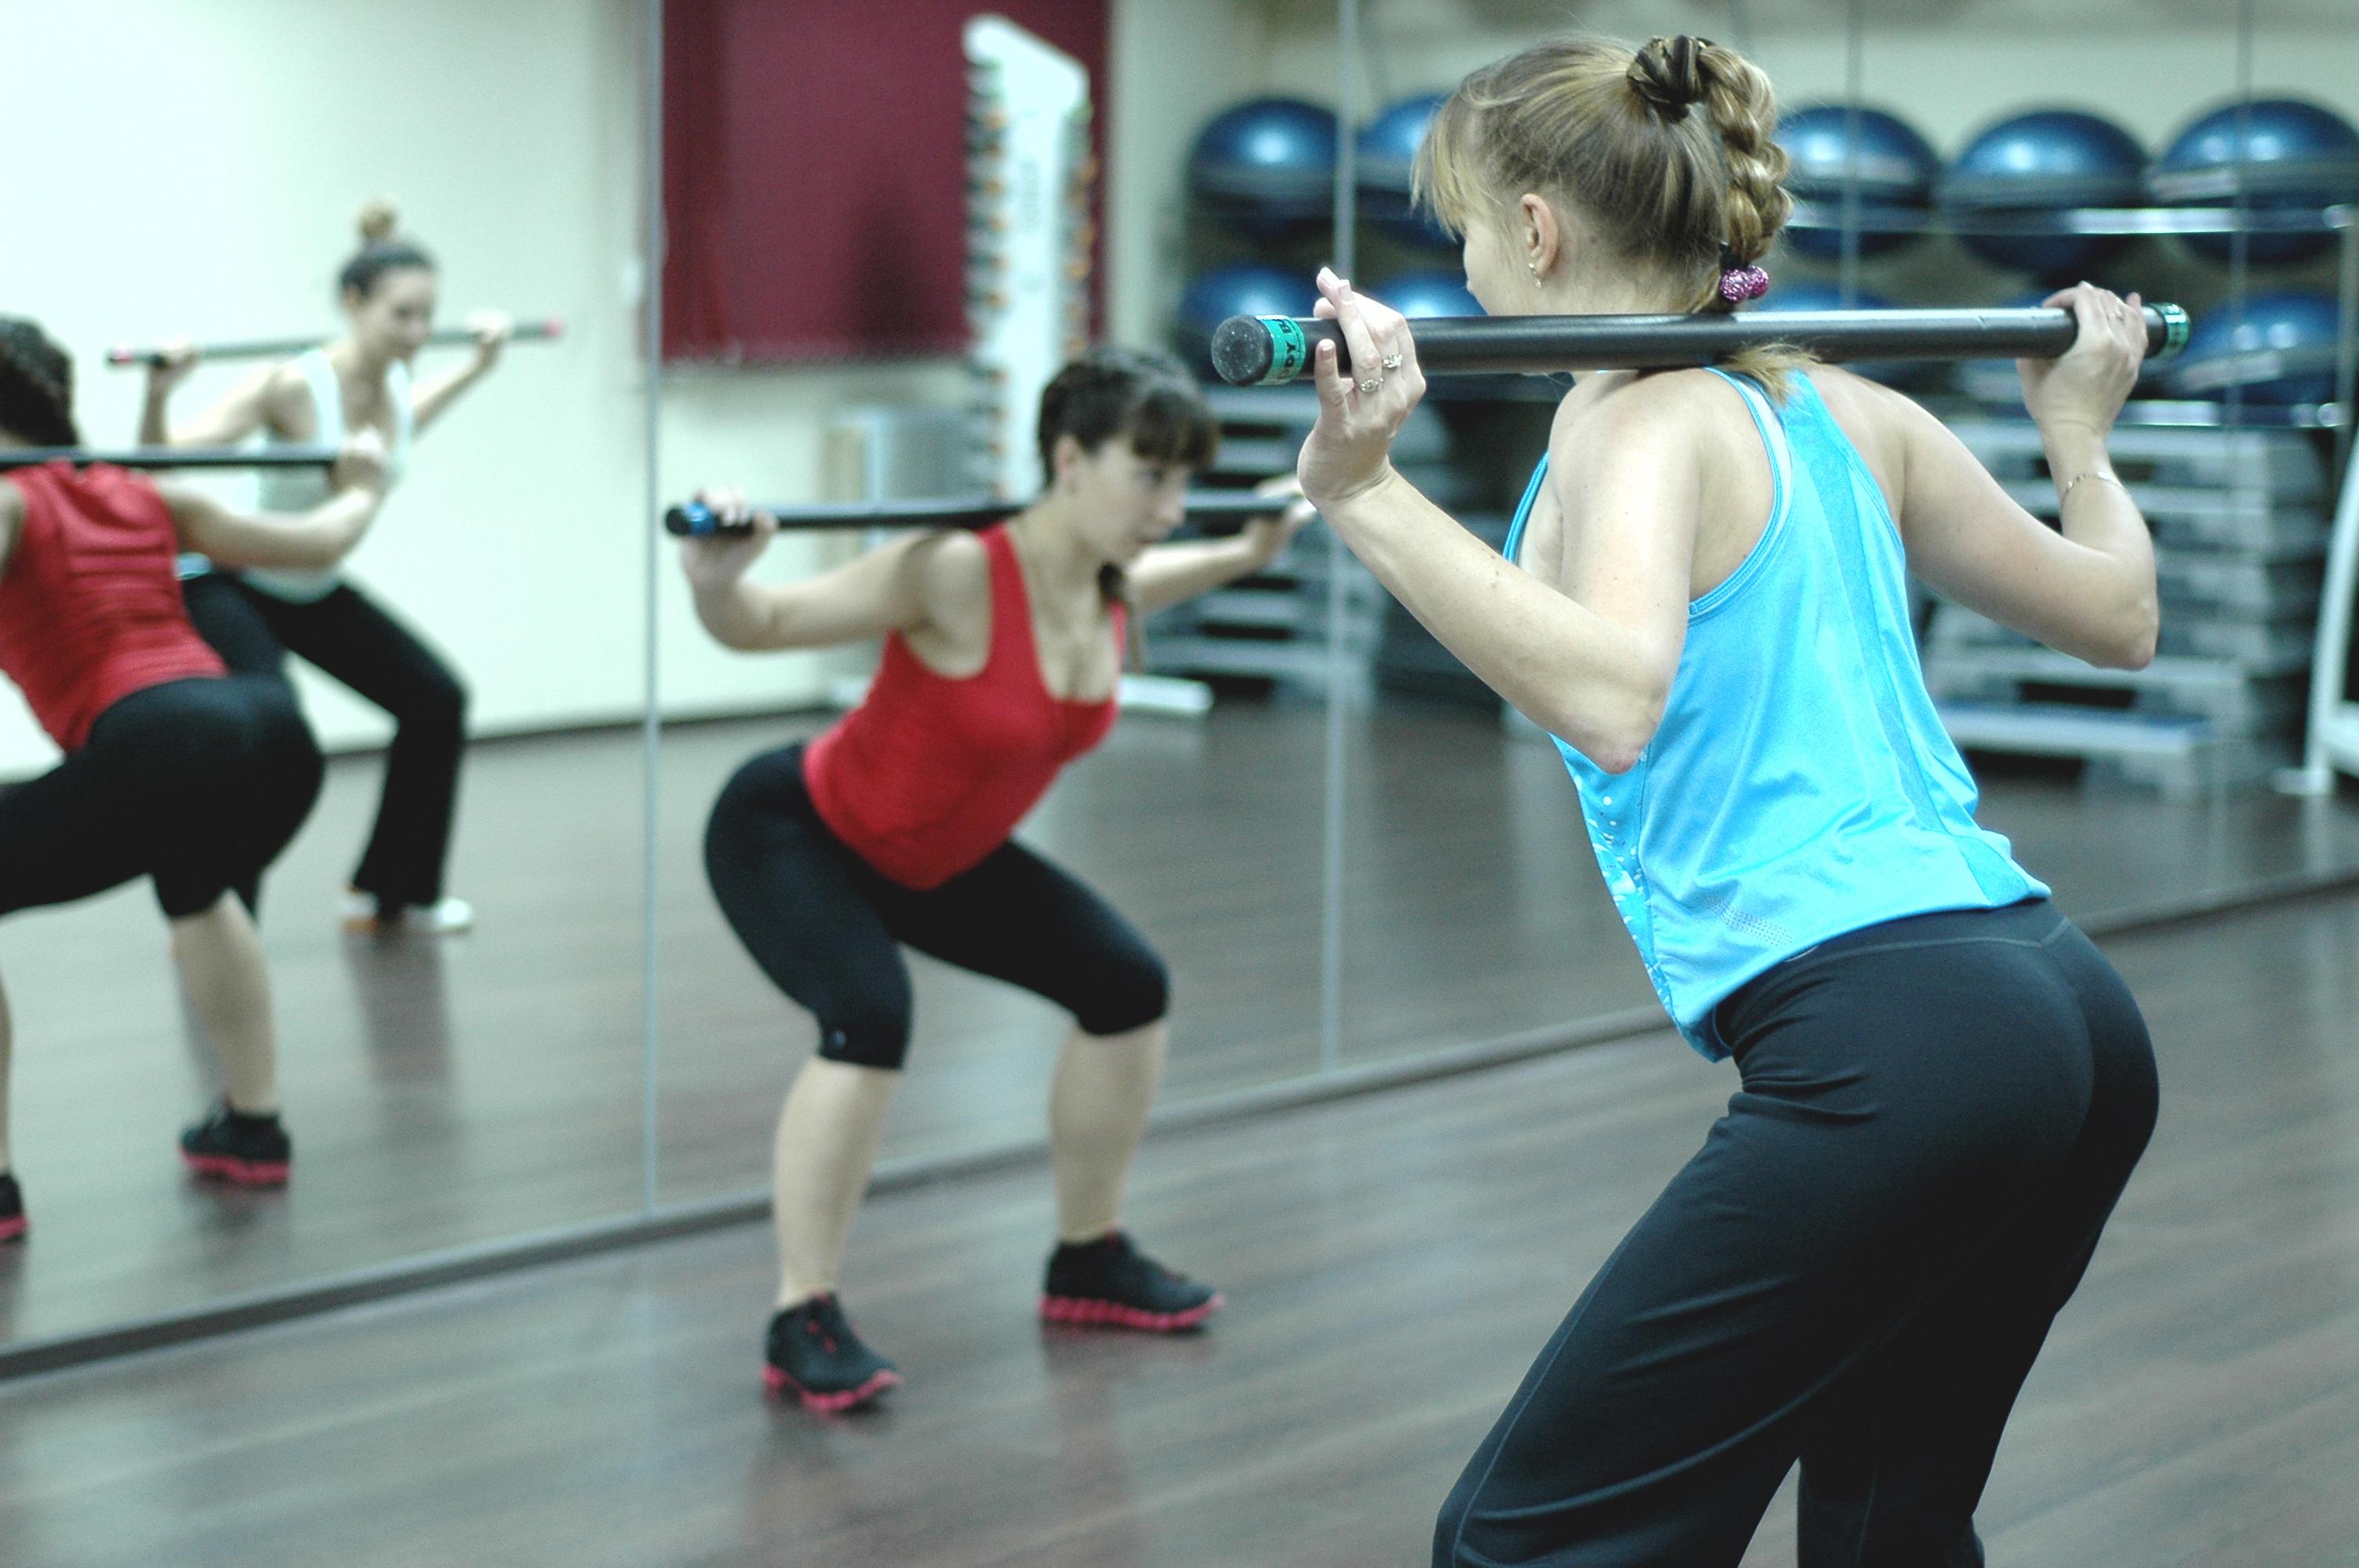 Body sculpt - что это, видео, отзывы, тренировка, упражнения